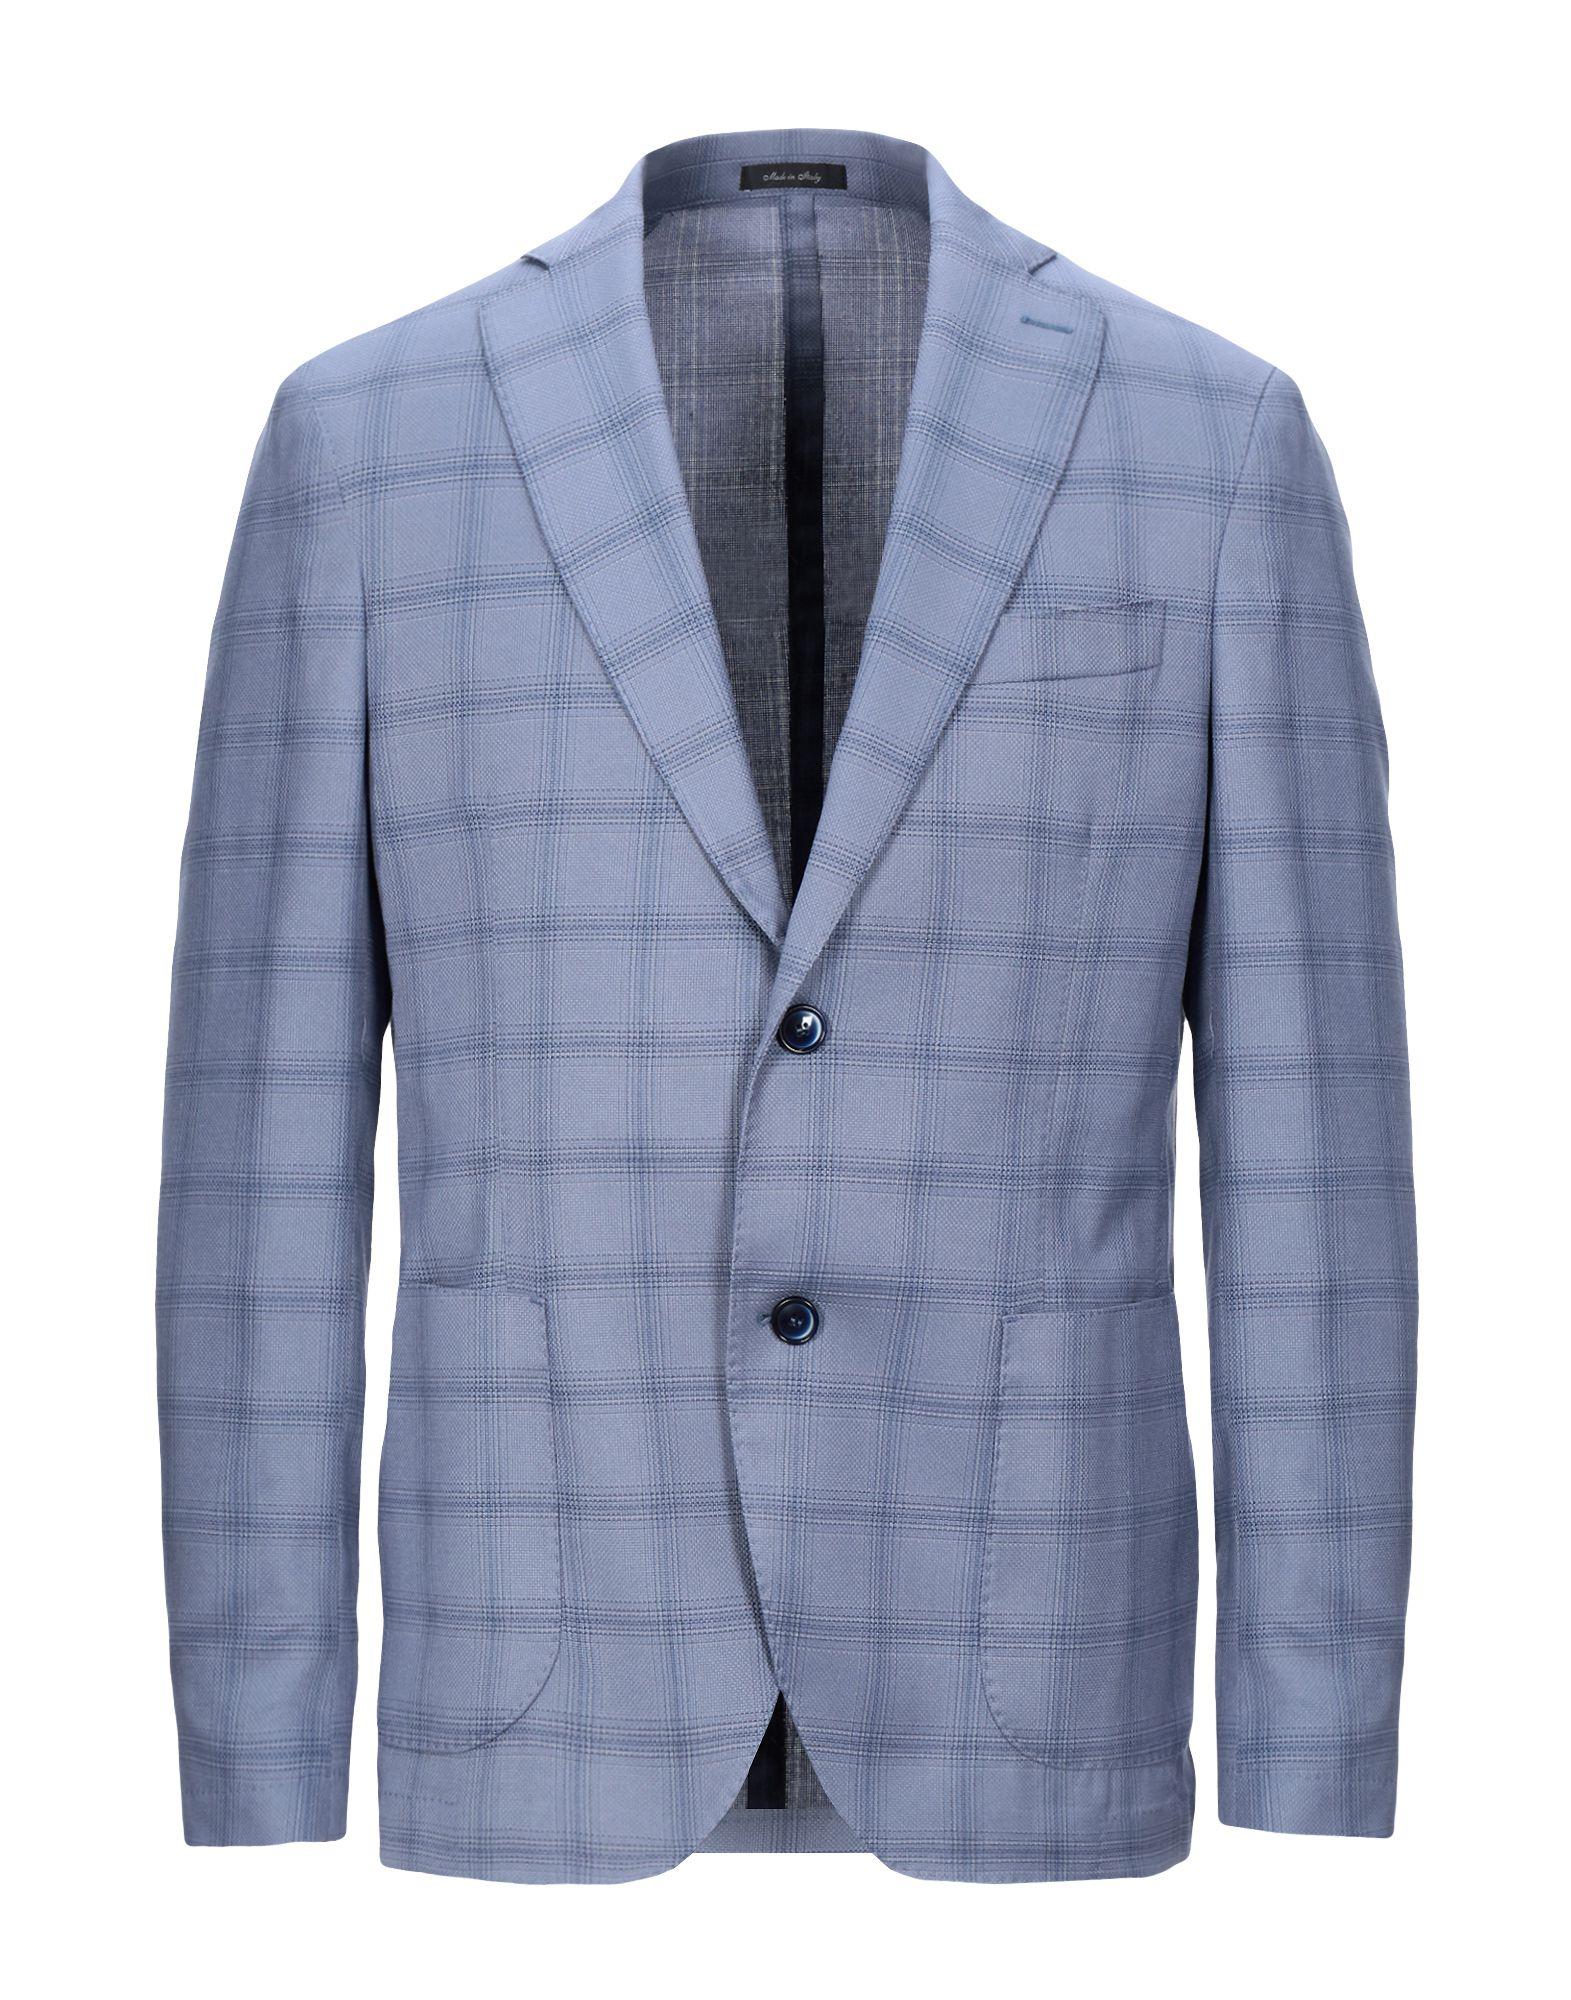 《セール開催中》BRERAS Milano メンズ テーラードジャケット ブルーグレー 46 ポリエステル 72% / レーヨン 26% / ポリウレタン 2%